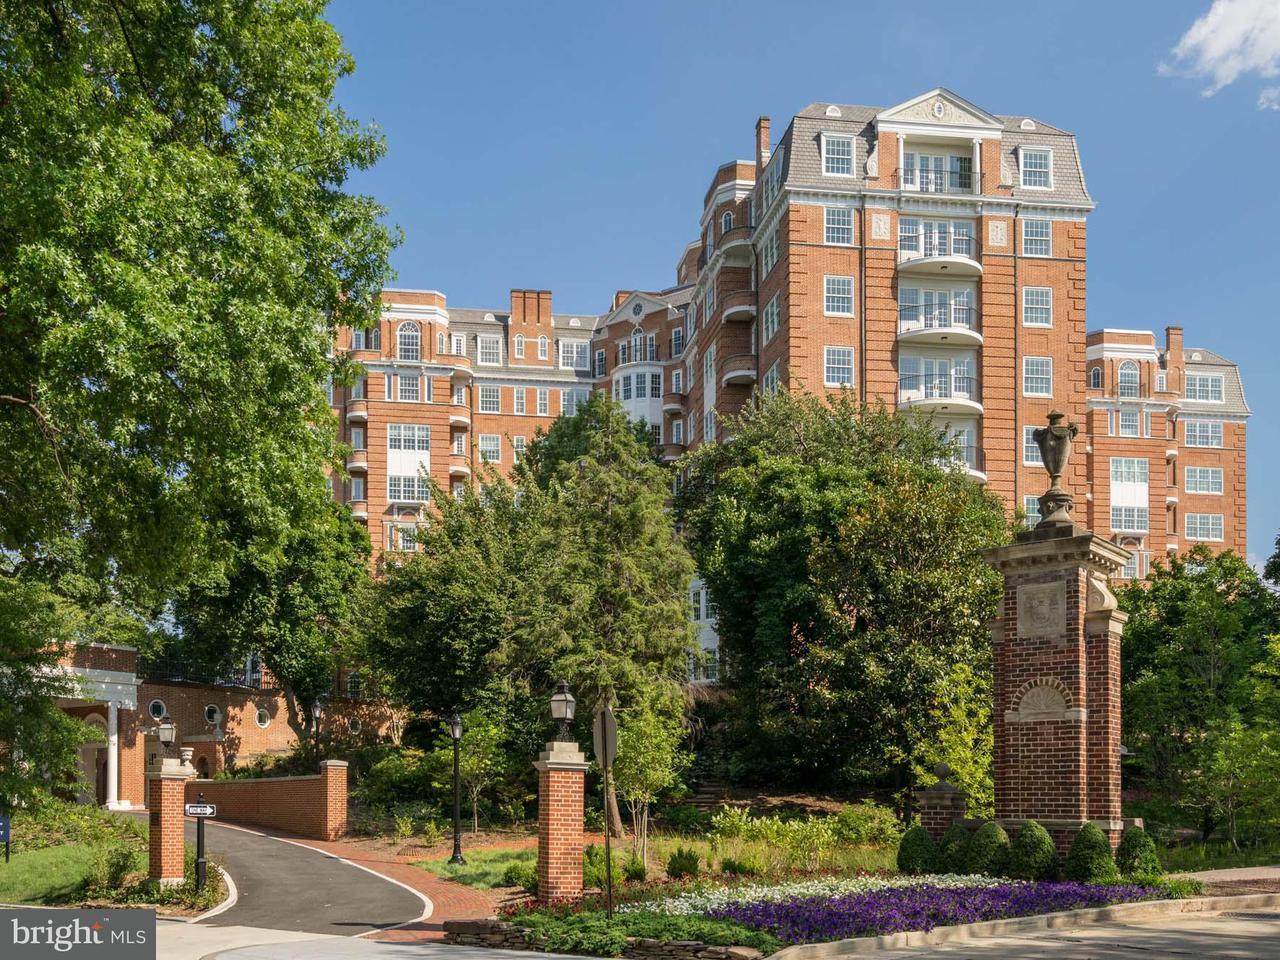 Πολυκατοικία ατομικής ιδιοκτησίας για την Πώληση στο 2660 Connecticut Ave Nw #5d 2660 Connecticut Ave Nw #5d Washington, Περιφερεια Τησ Κολουμπια 20008 Ηνωμενεσ Πολιτειεσ